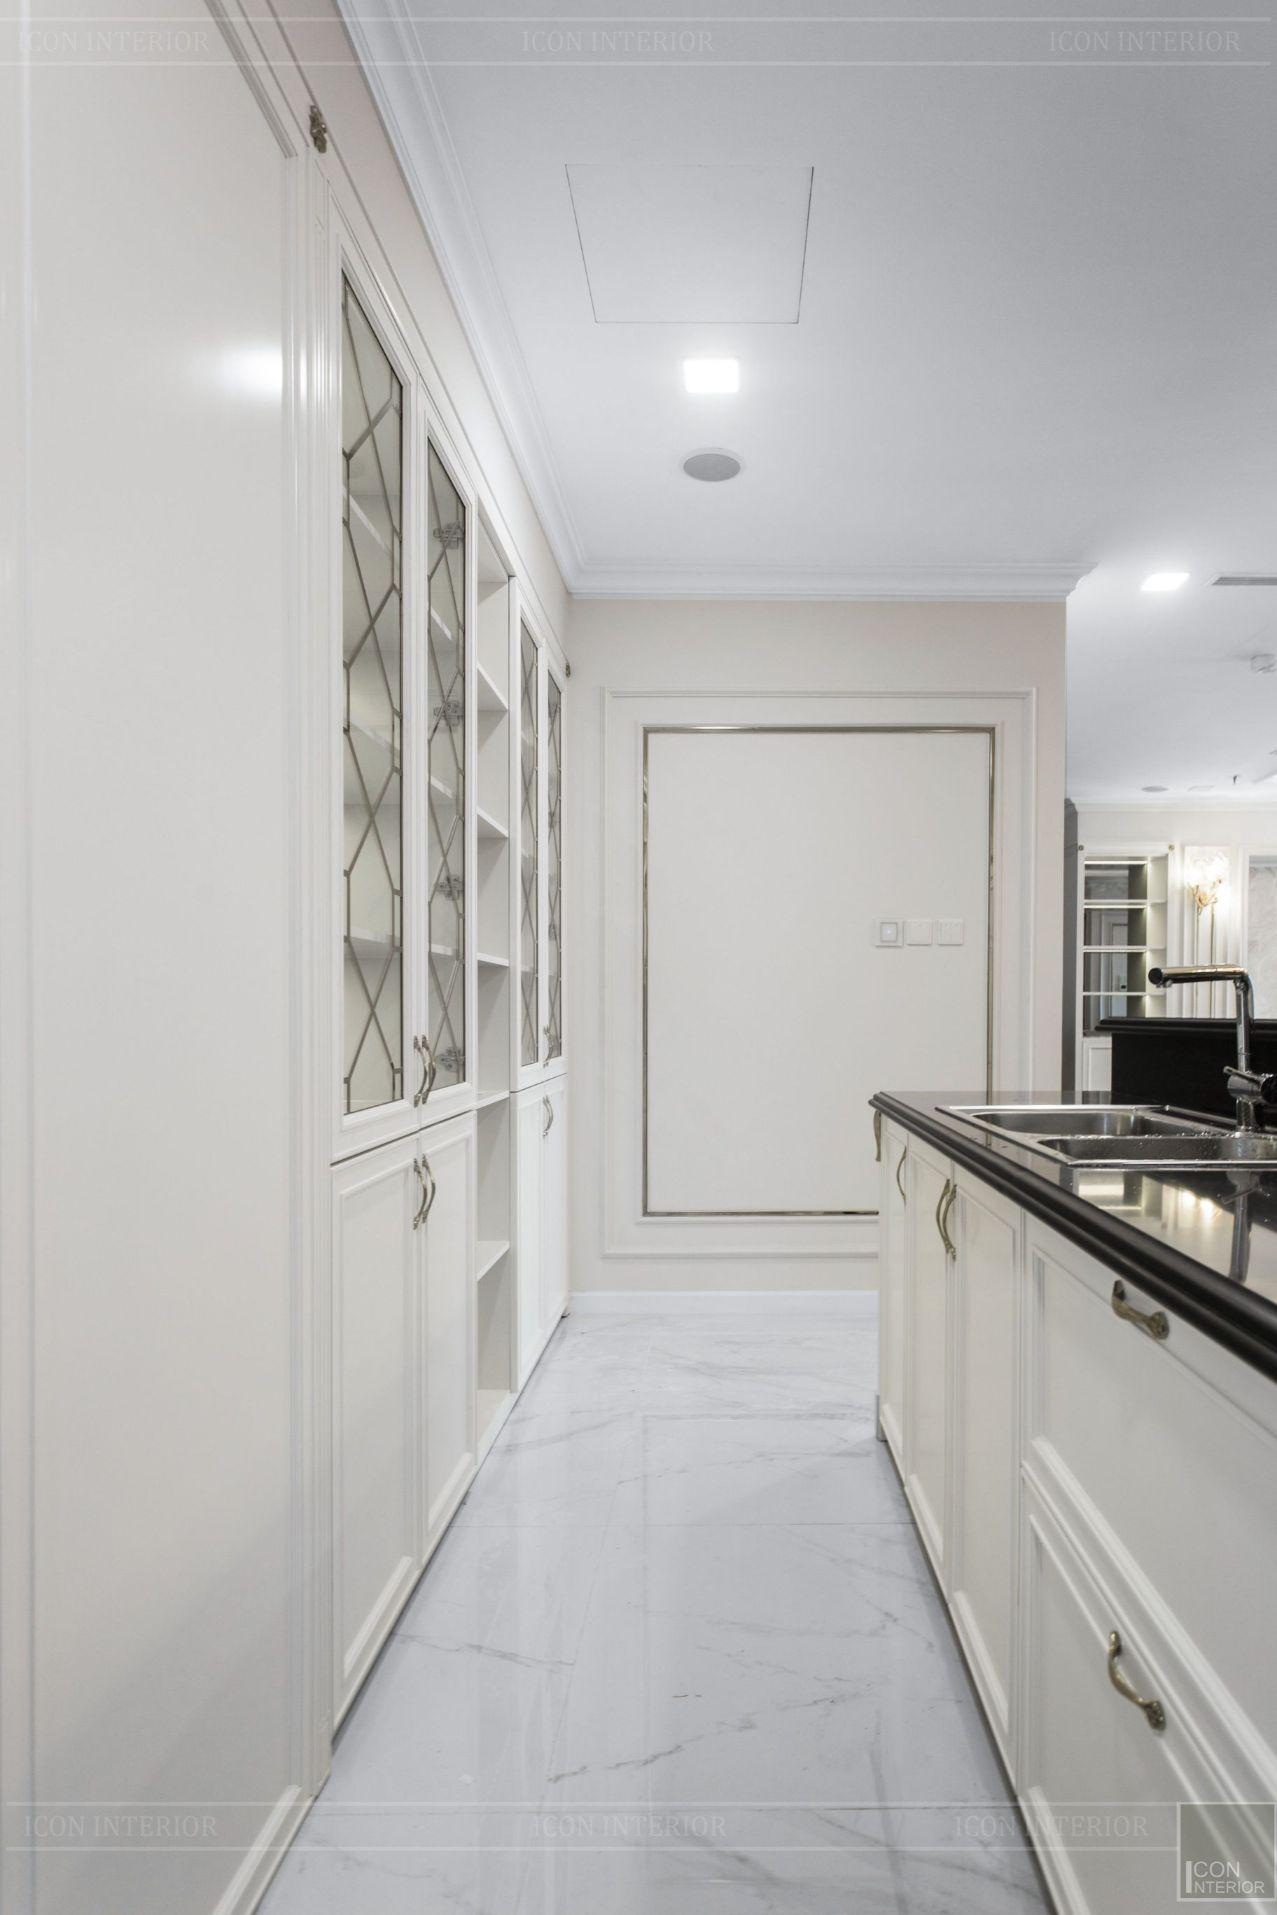 thiết kế thi công nội thất đẹp - phòng bếp